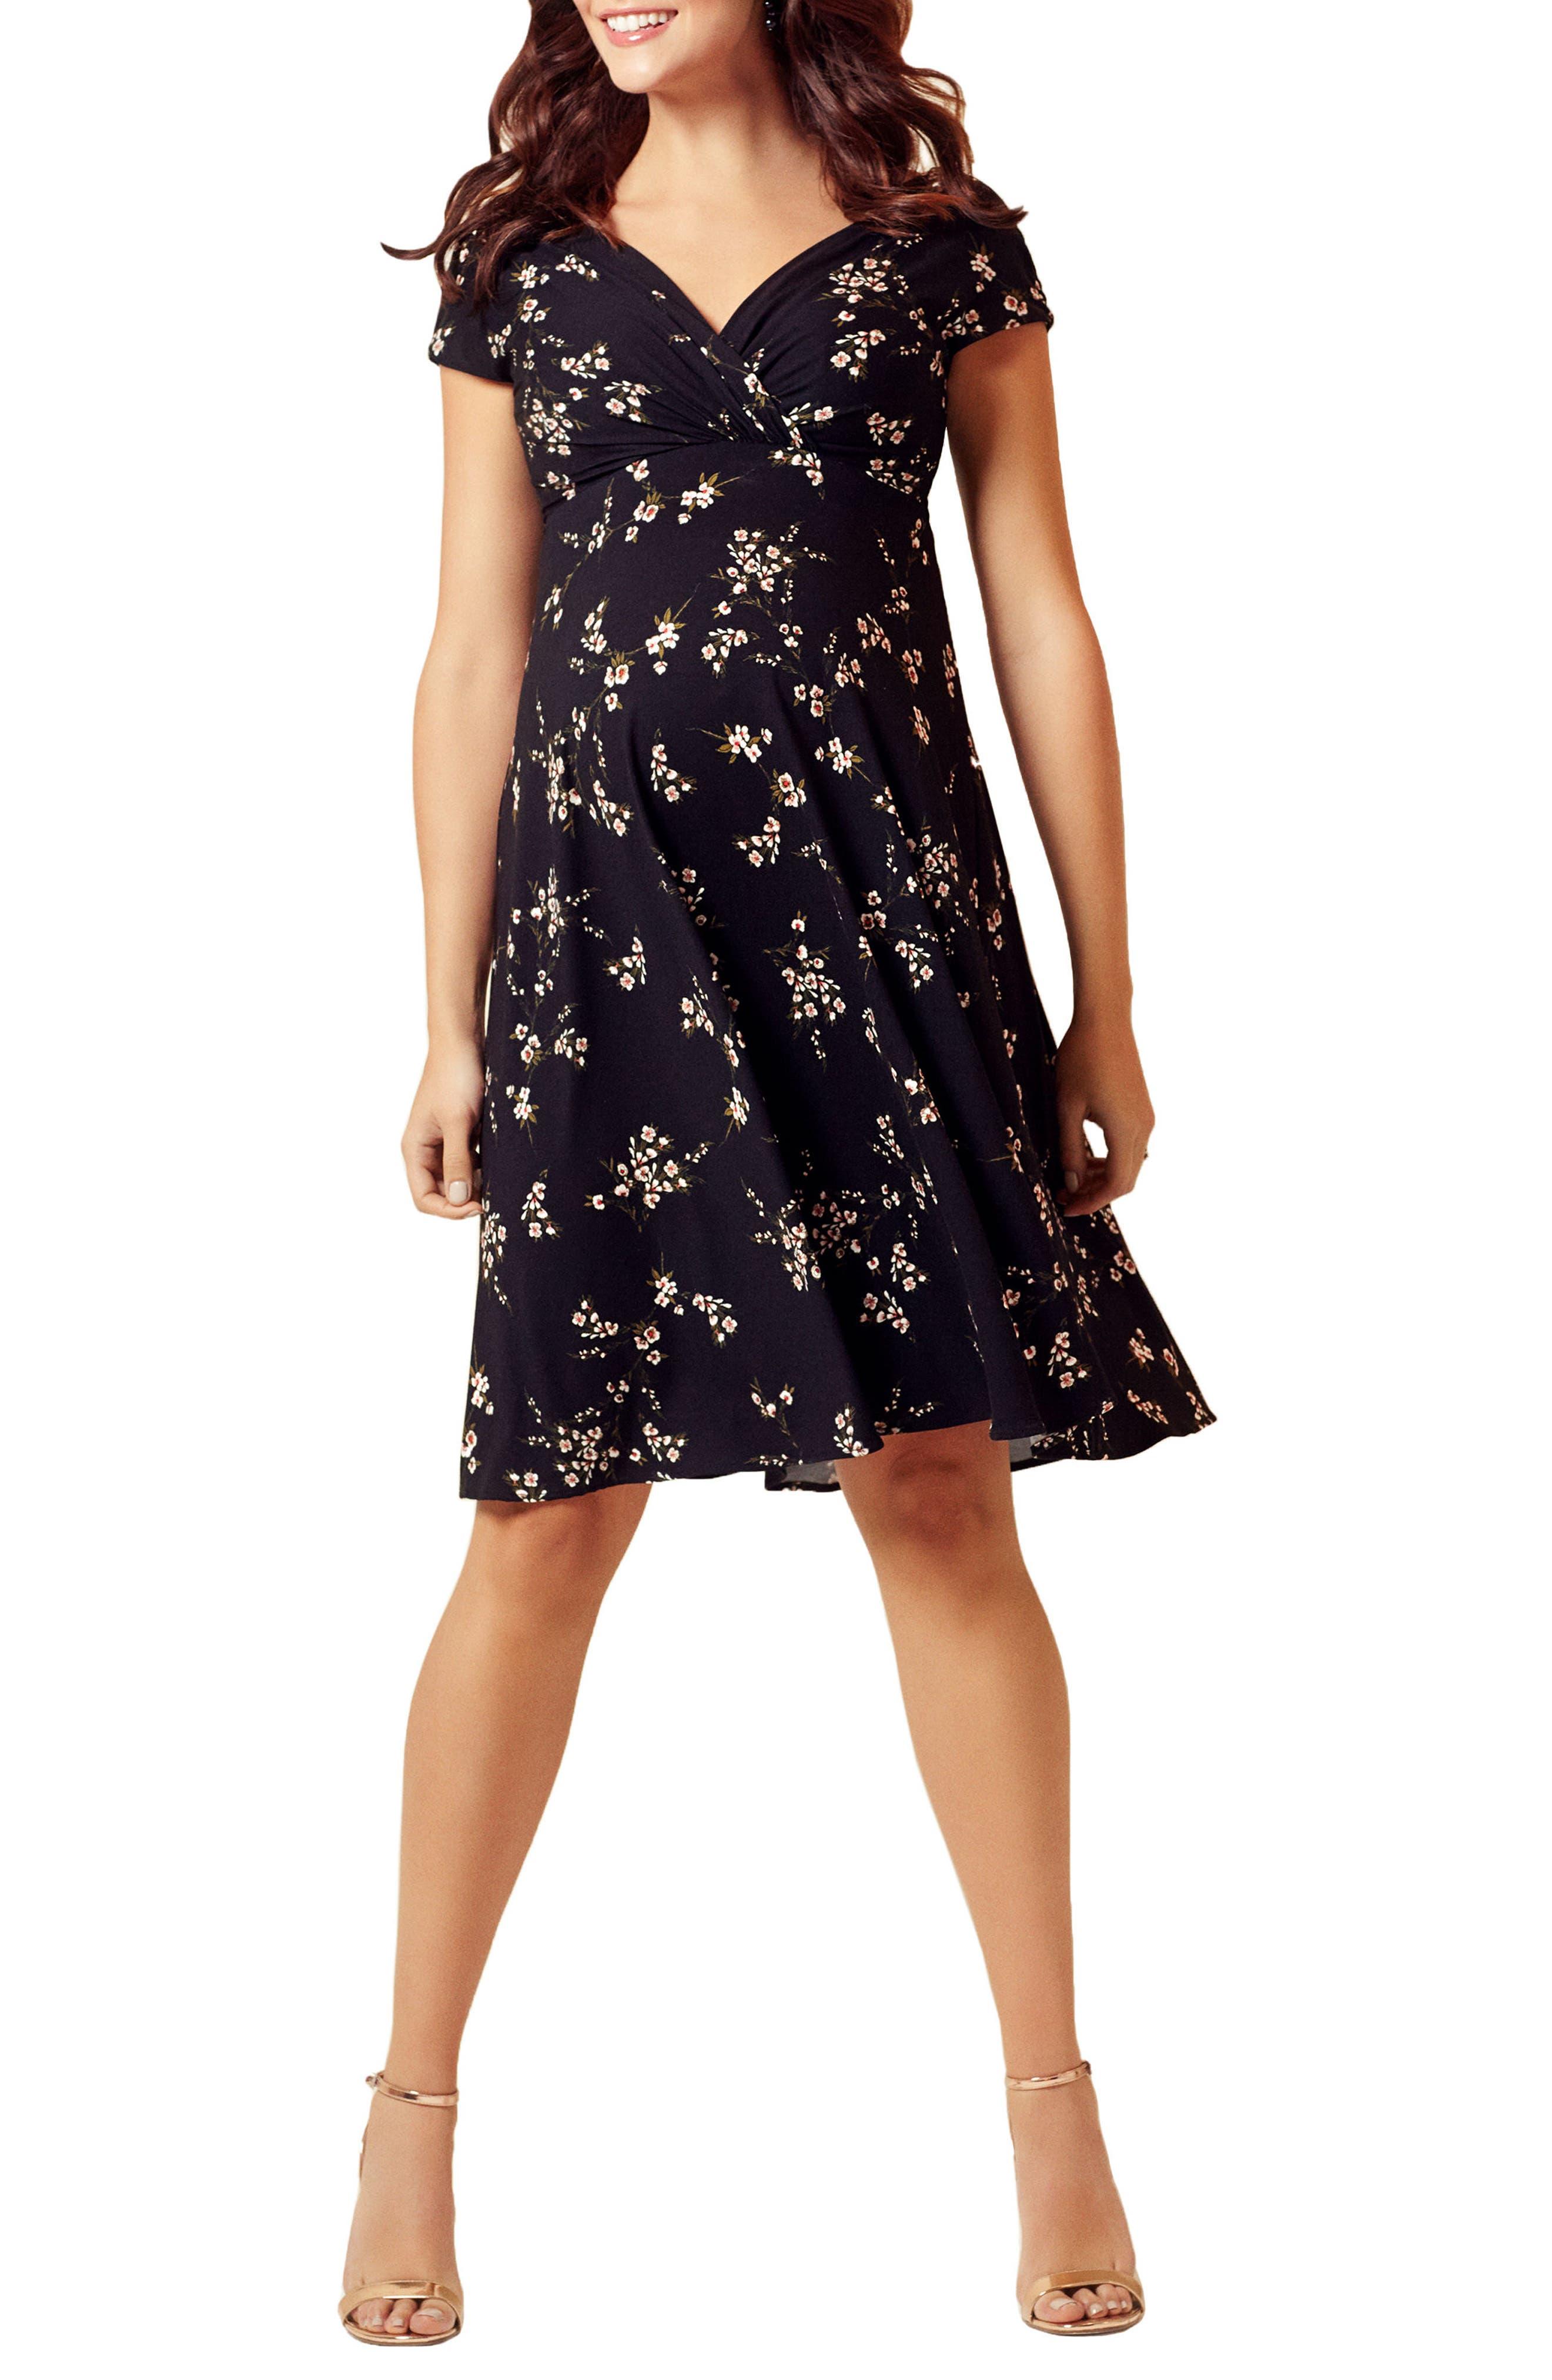 Tiffany Rose Alessandra Floral Maternity/Nursing Dress